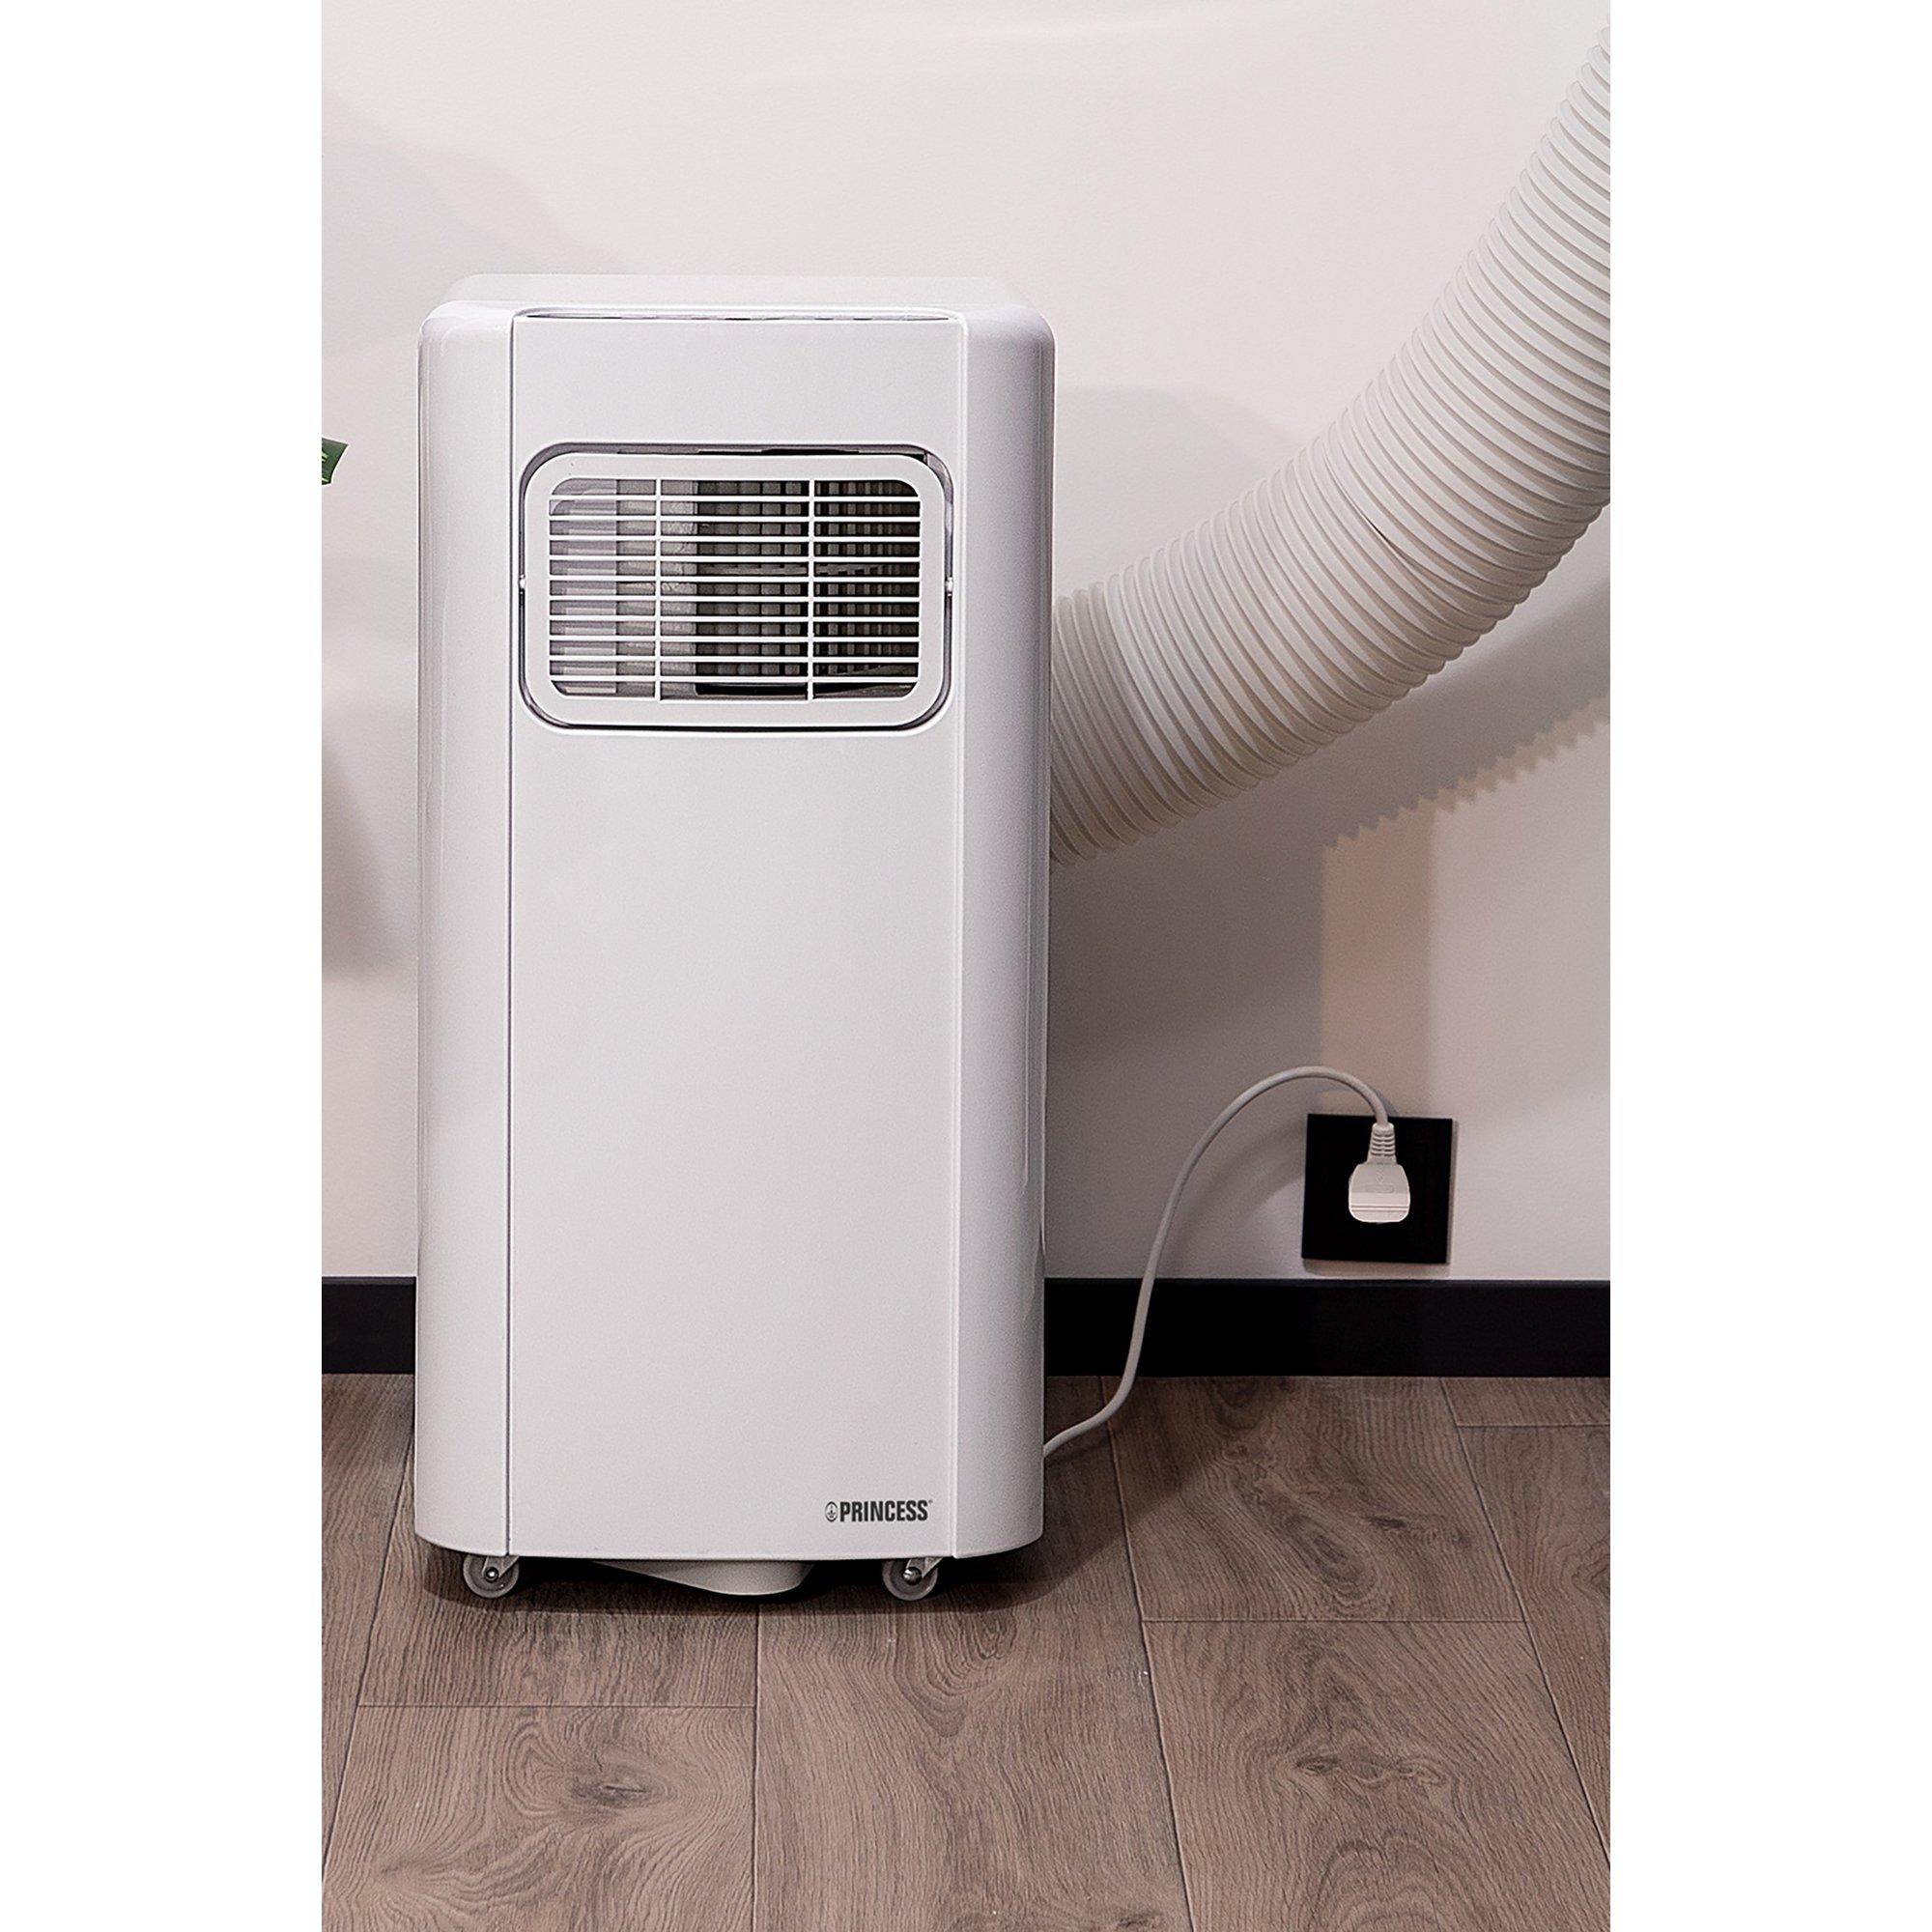 Image of Princess 9000 BTU Air Conditioner